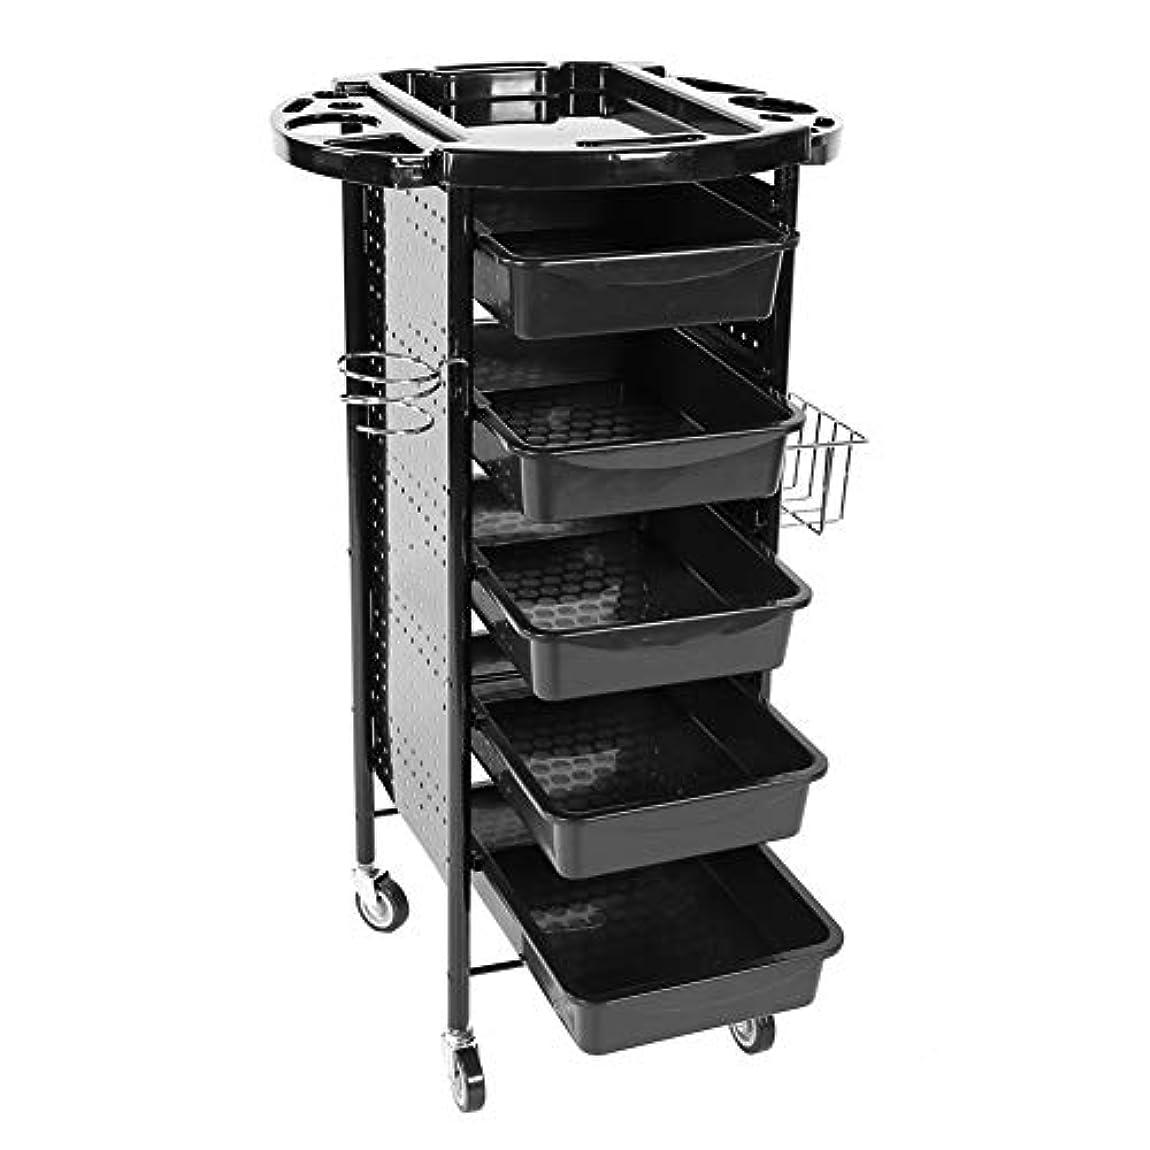 反射胚芽修道院美容院、美容院、美容院のための車輪が付いている専門の6つの層の貯蔵の棚のトロリーカート